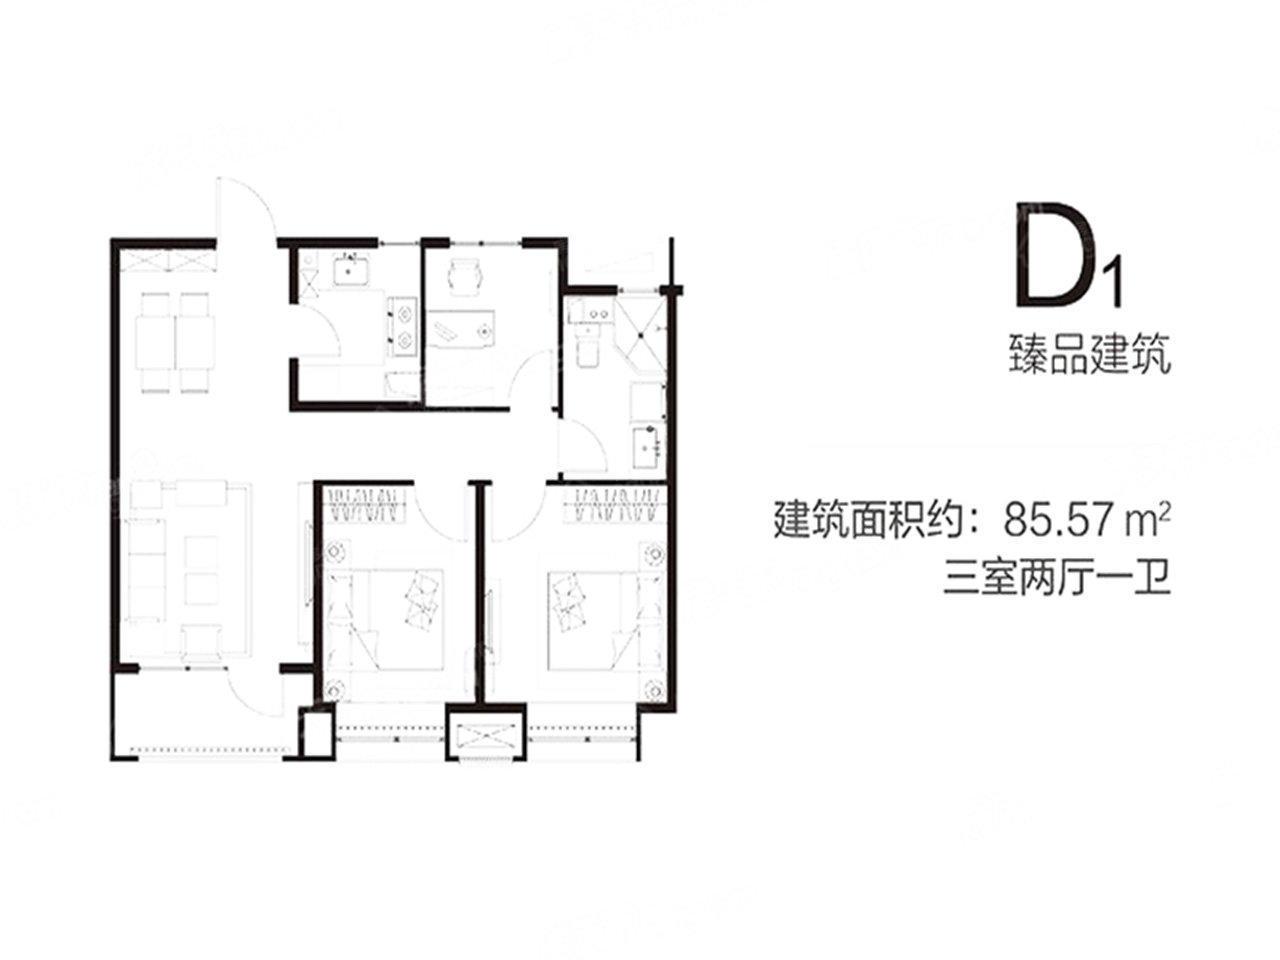 永清融创城3室2厅1卫户型图